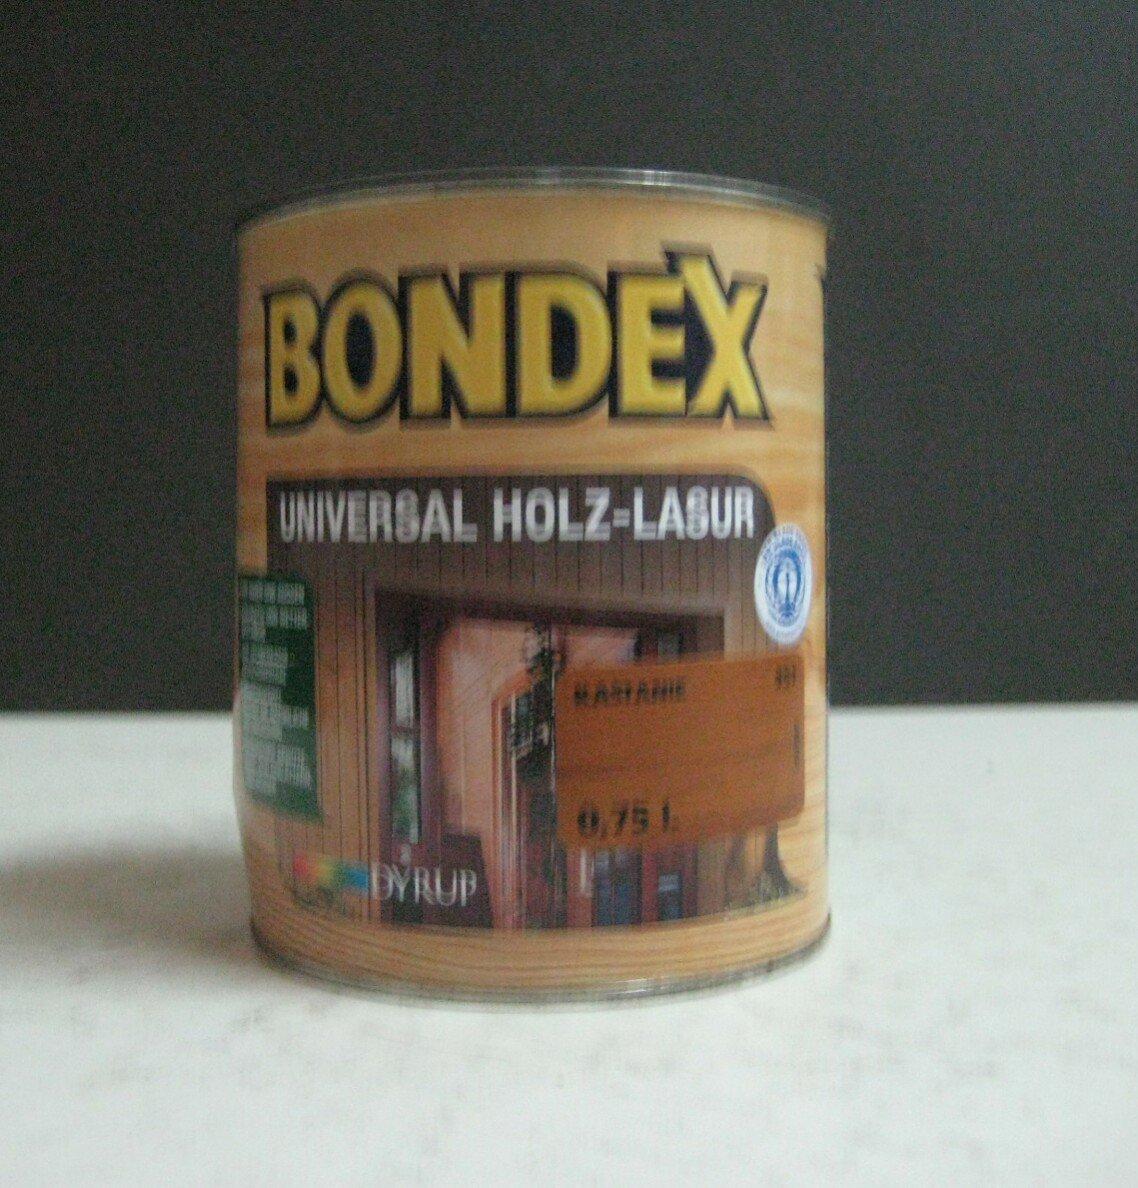 BONDEX Universal Holzlasur 750ml Kastanie 951 fü r Innen und Aussen Dyrup